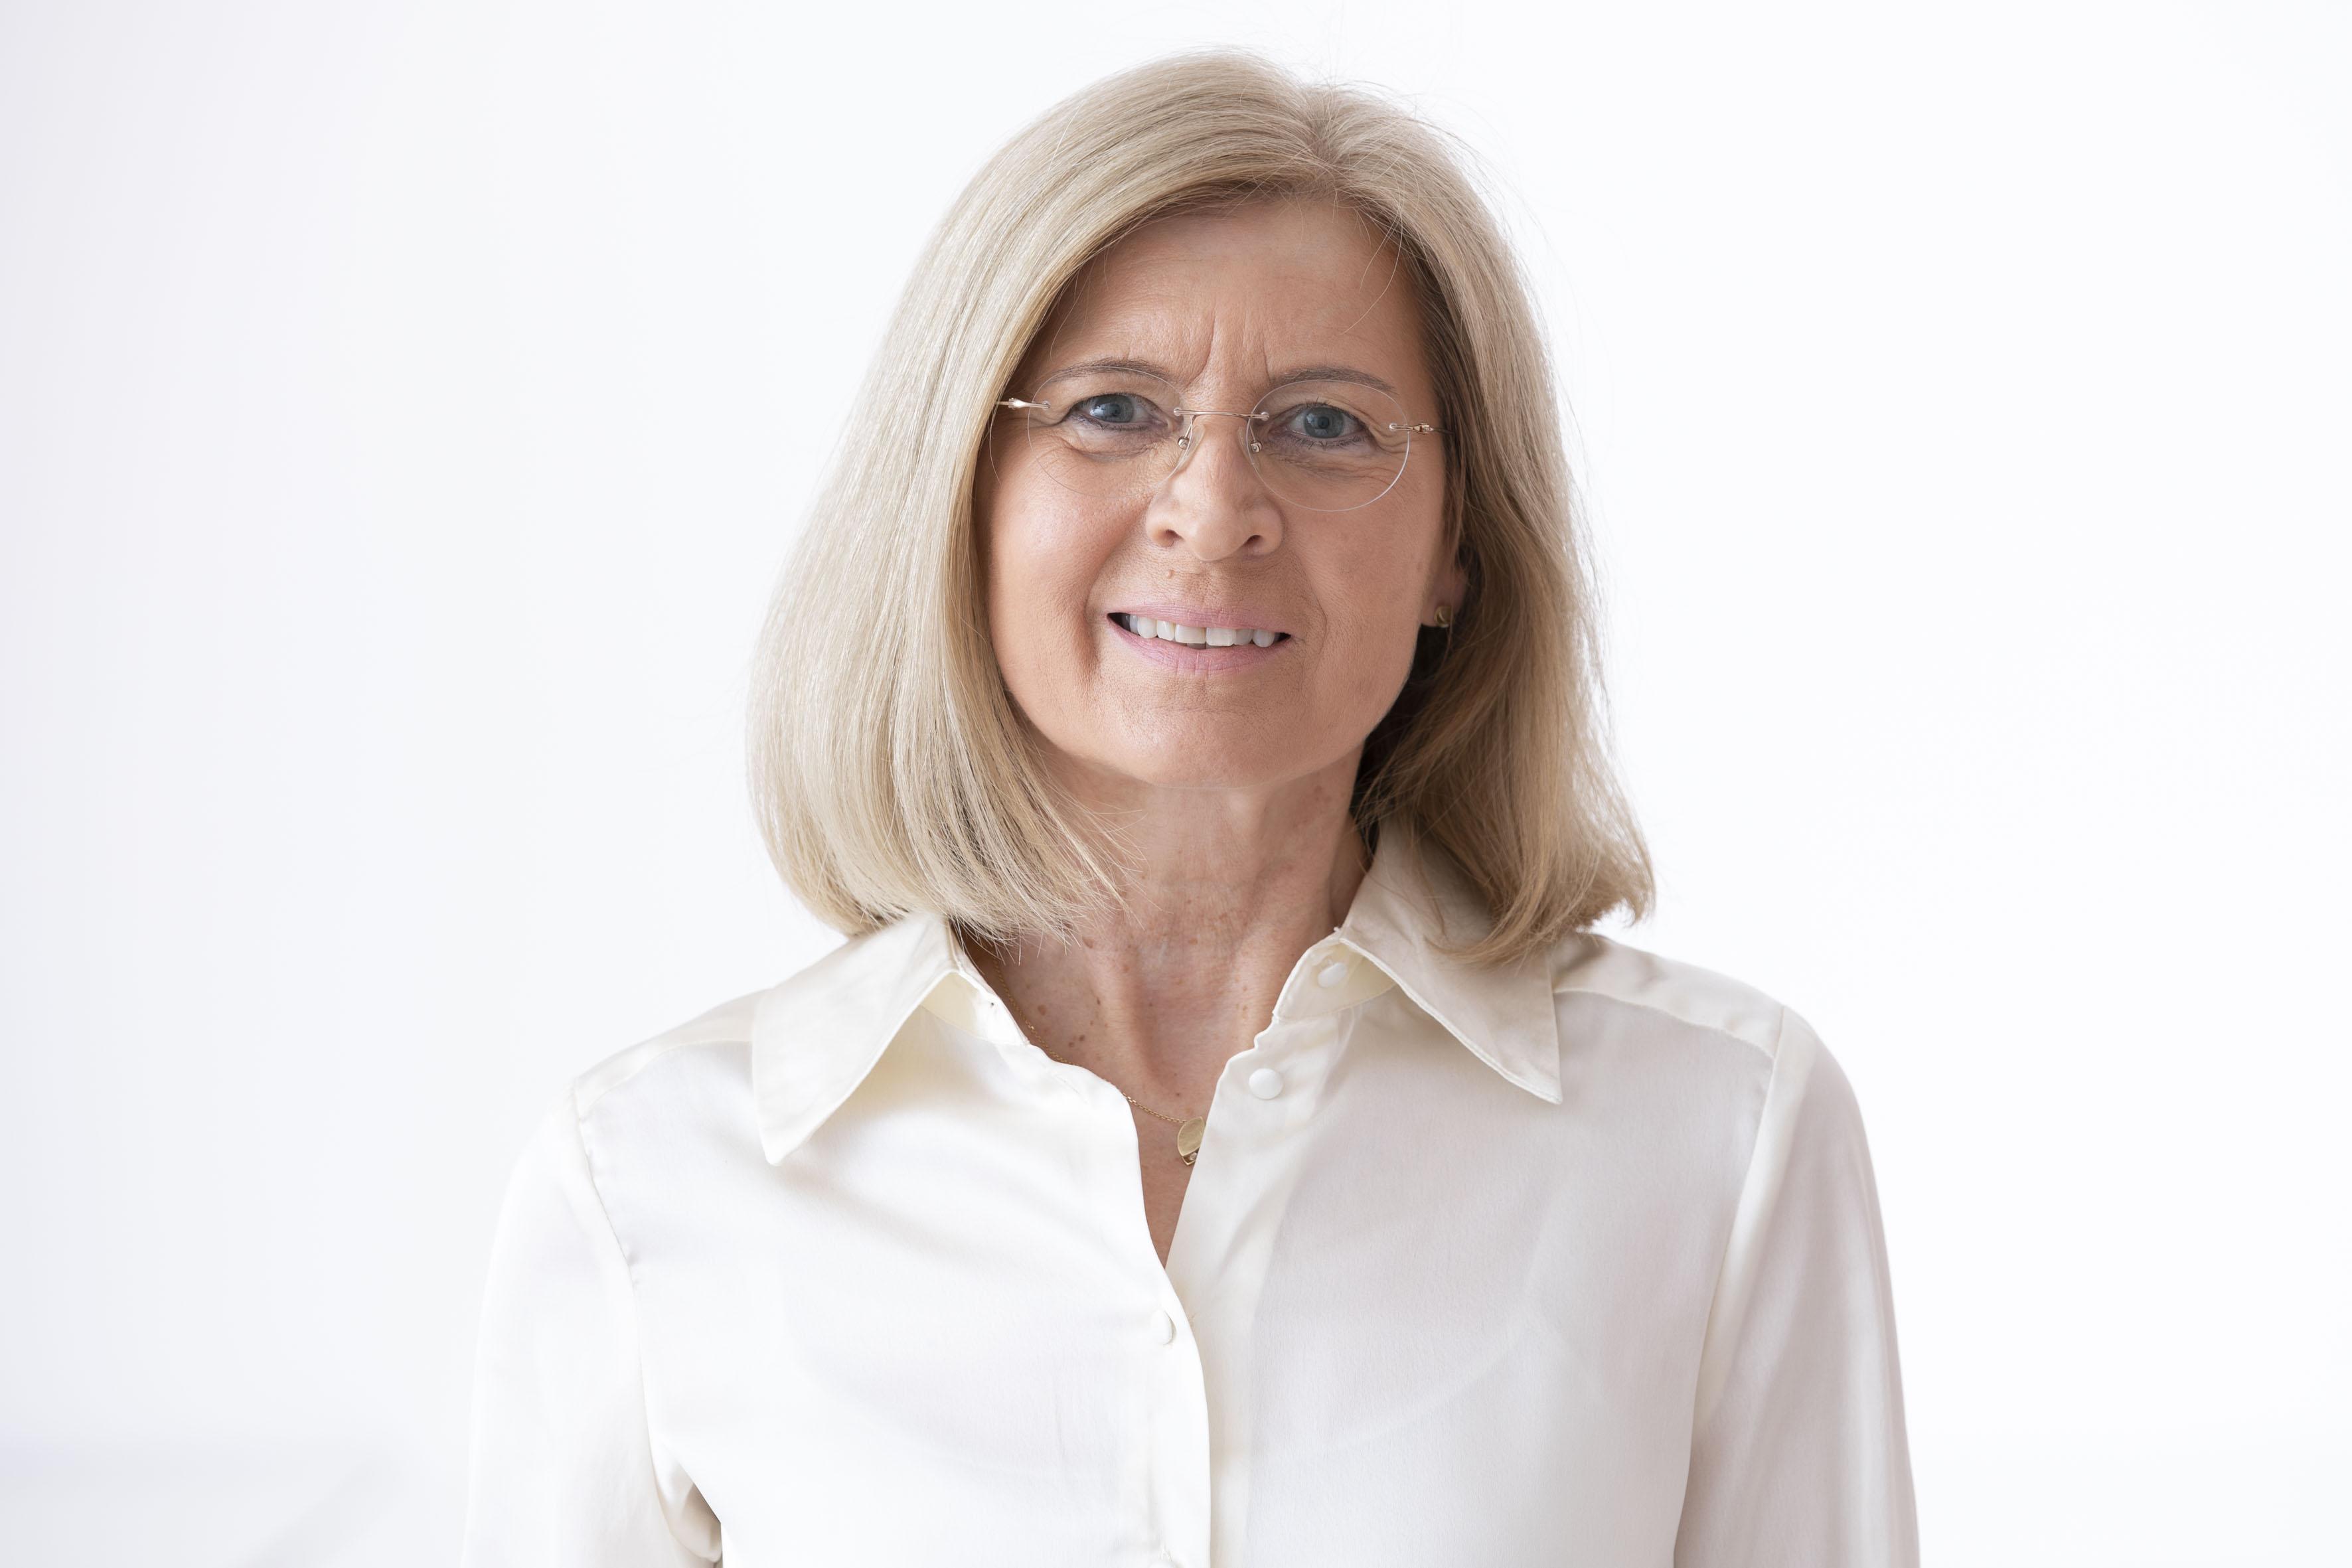 Cornelia Lehr - Apothekerin - Cronen Apotheke Coesfeld